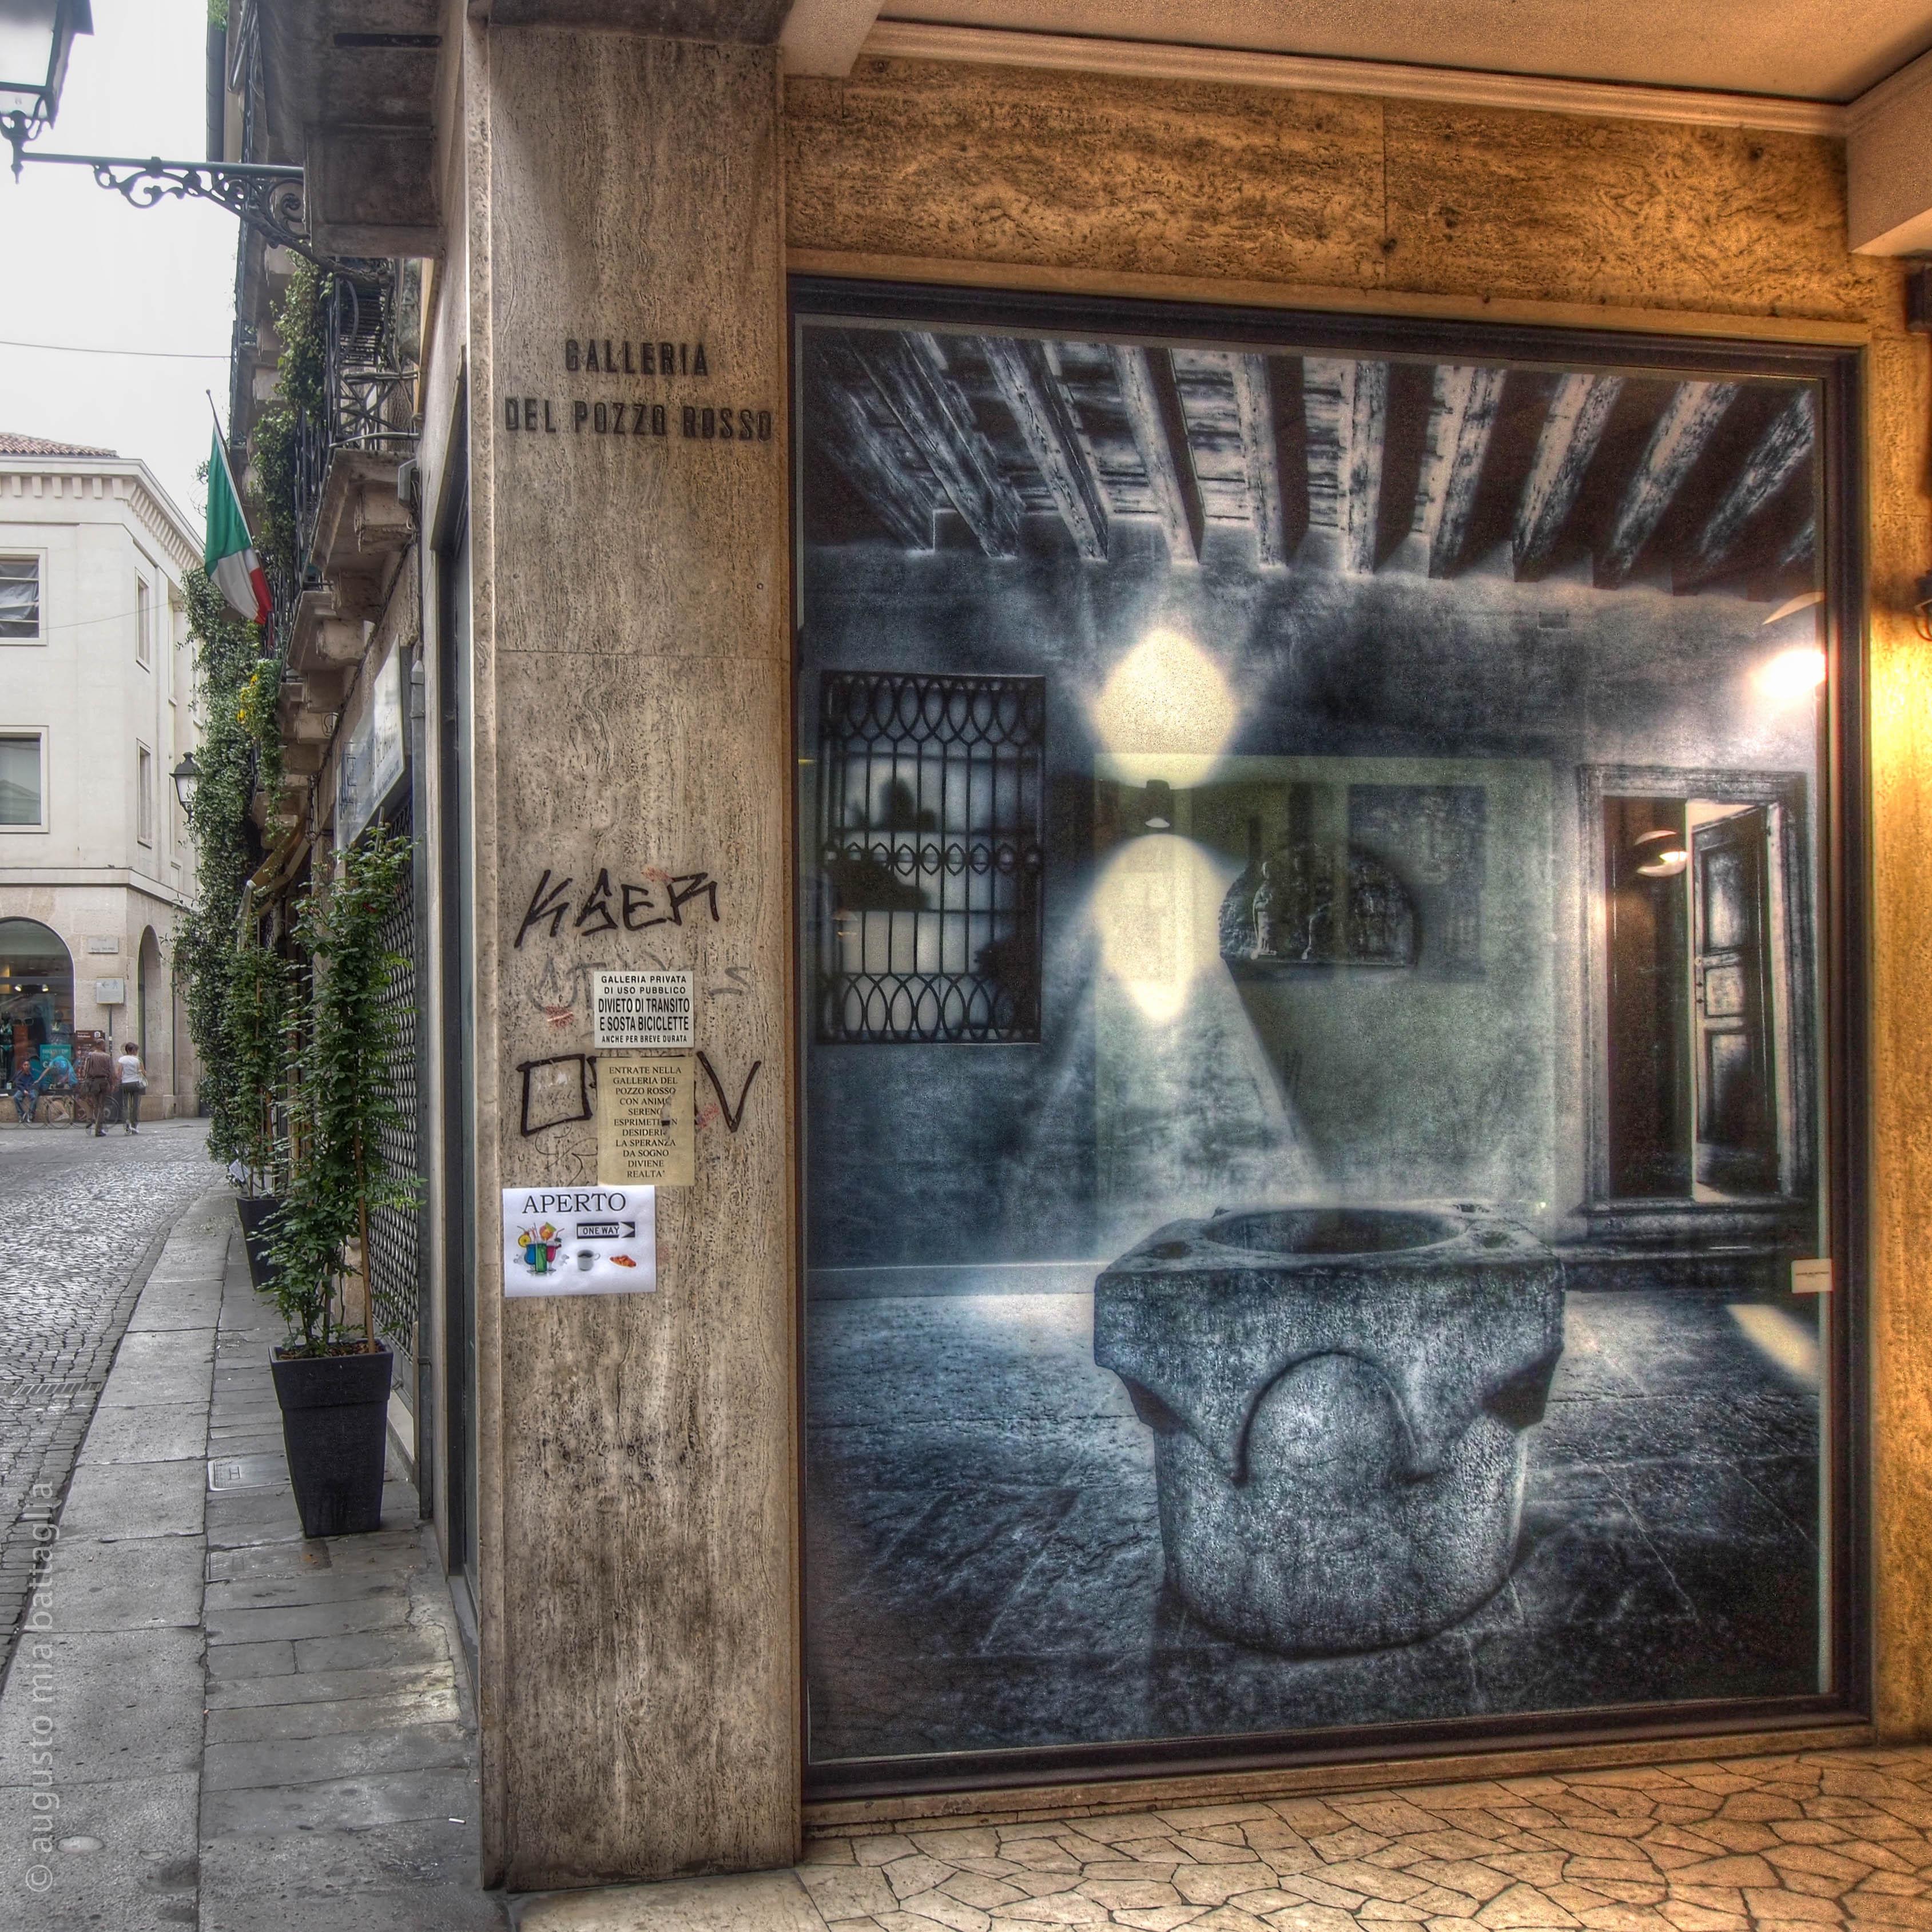 stefano battaglia architetto vicenza italy map - photo#14